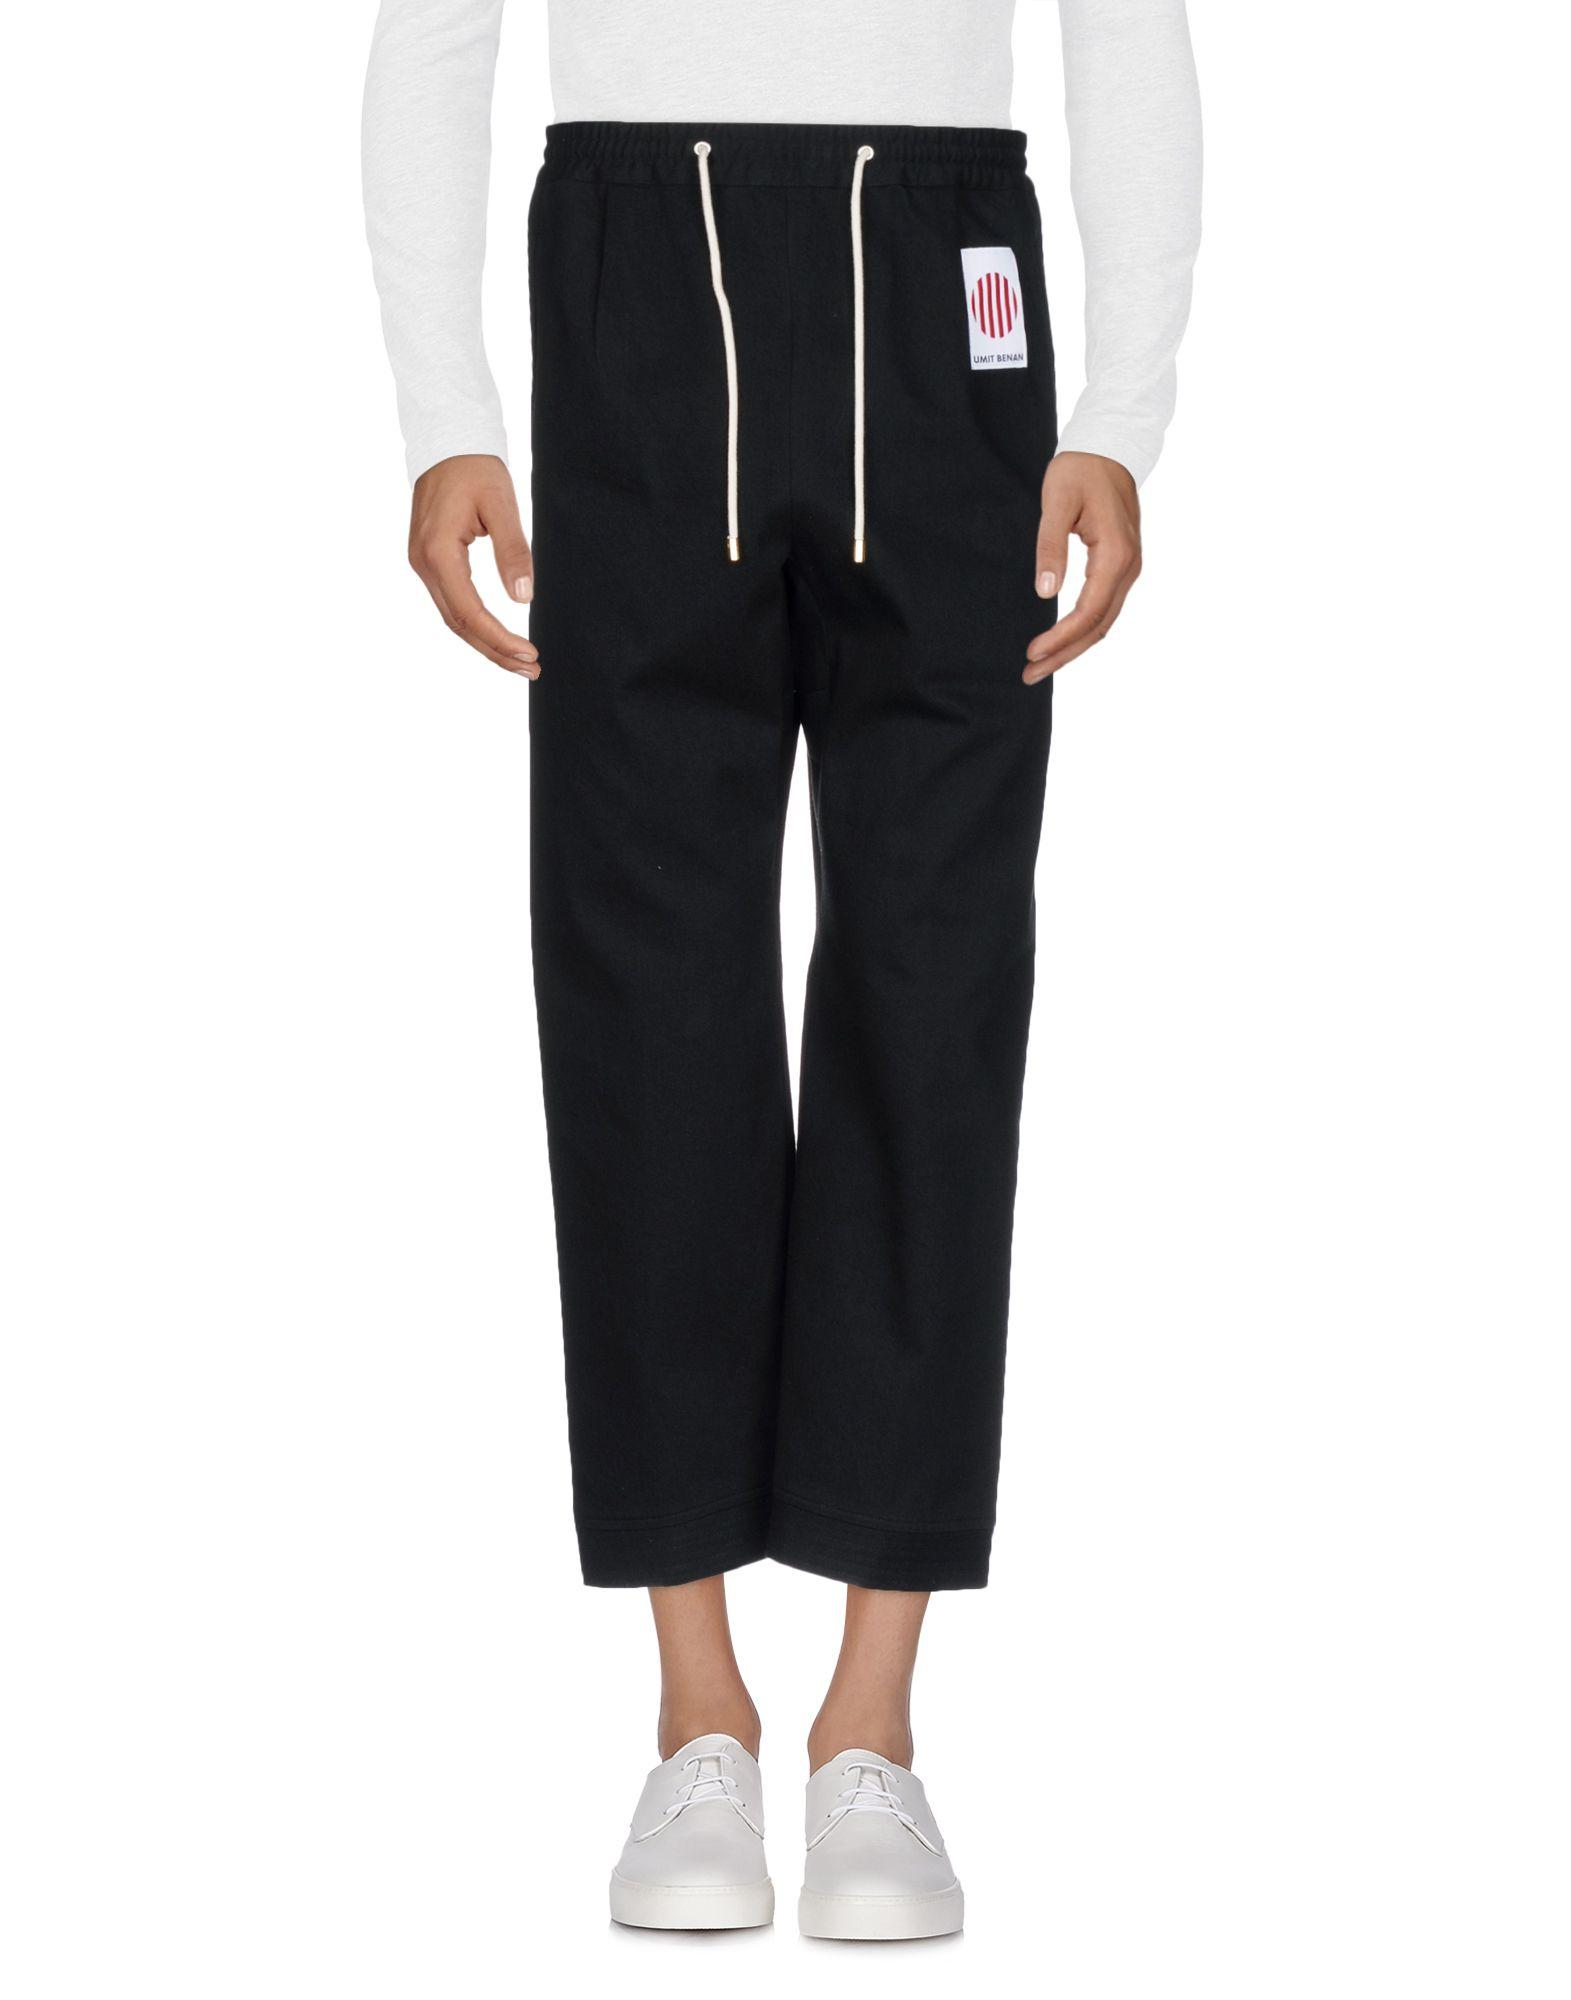 Umit Benan Jeans In Black